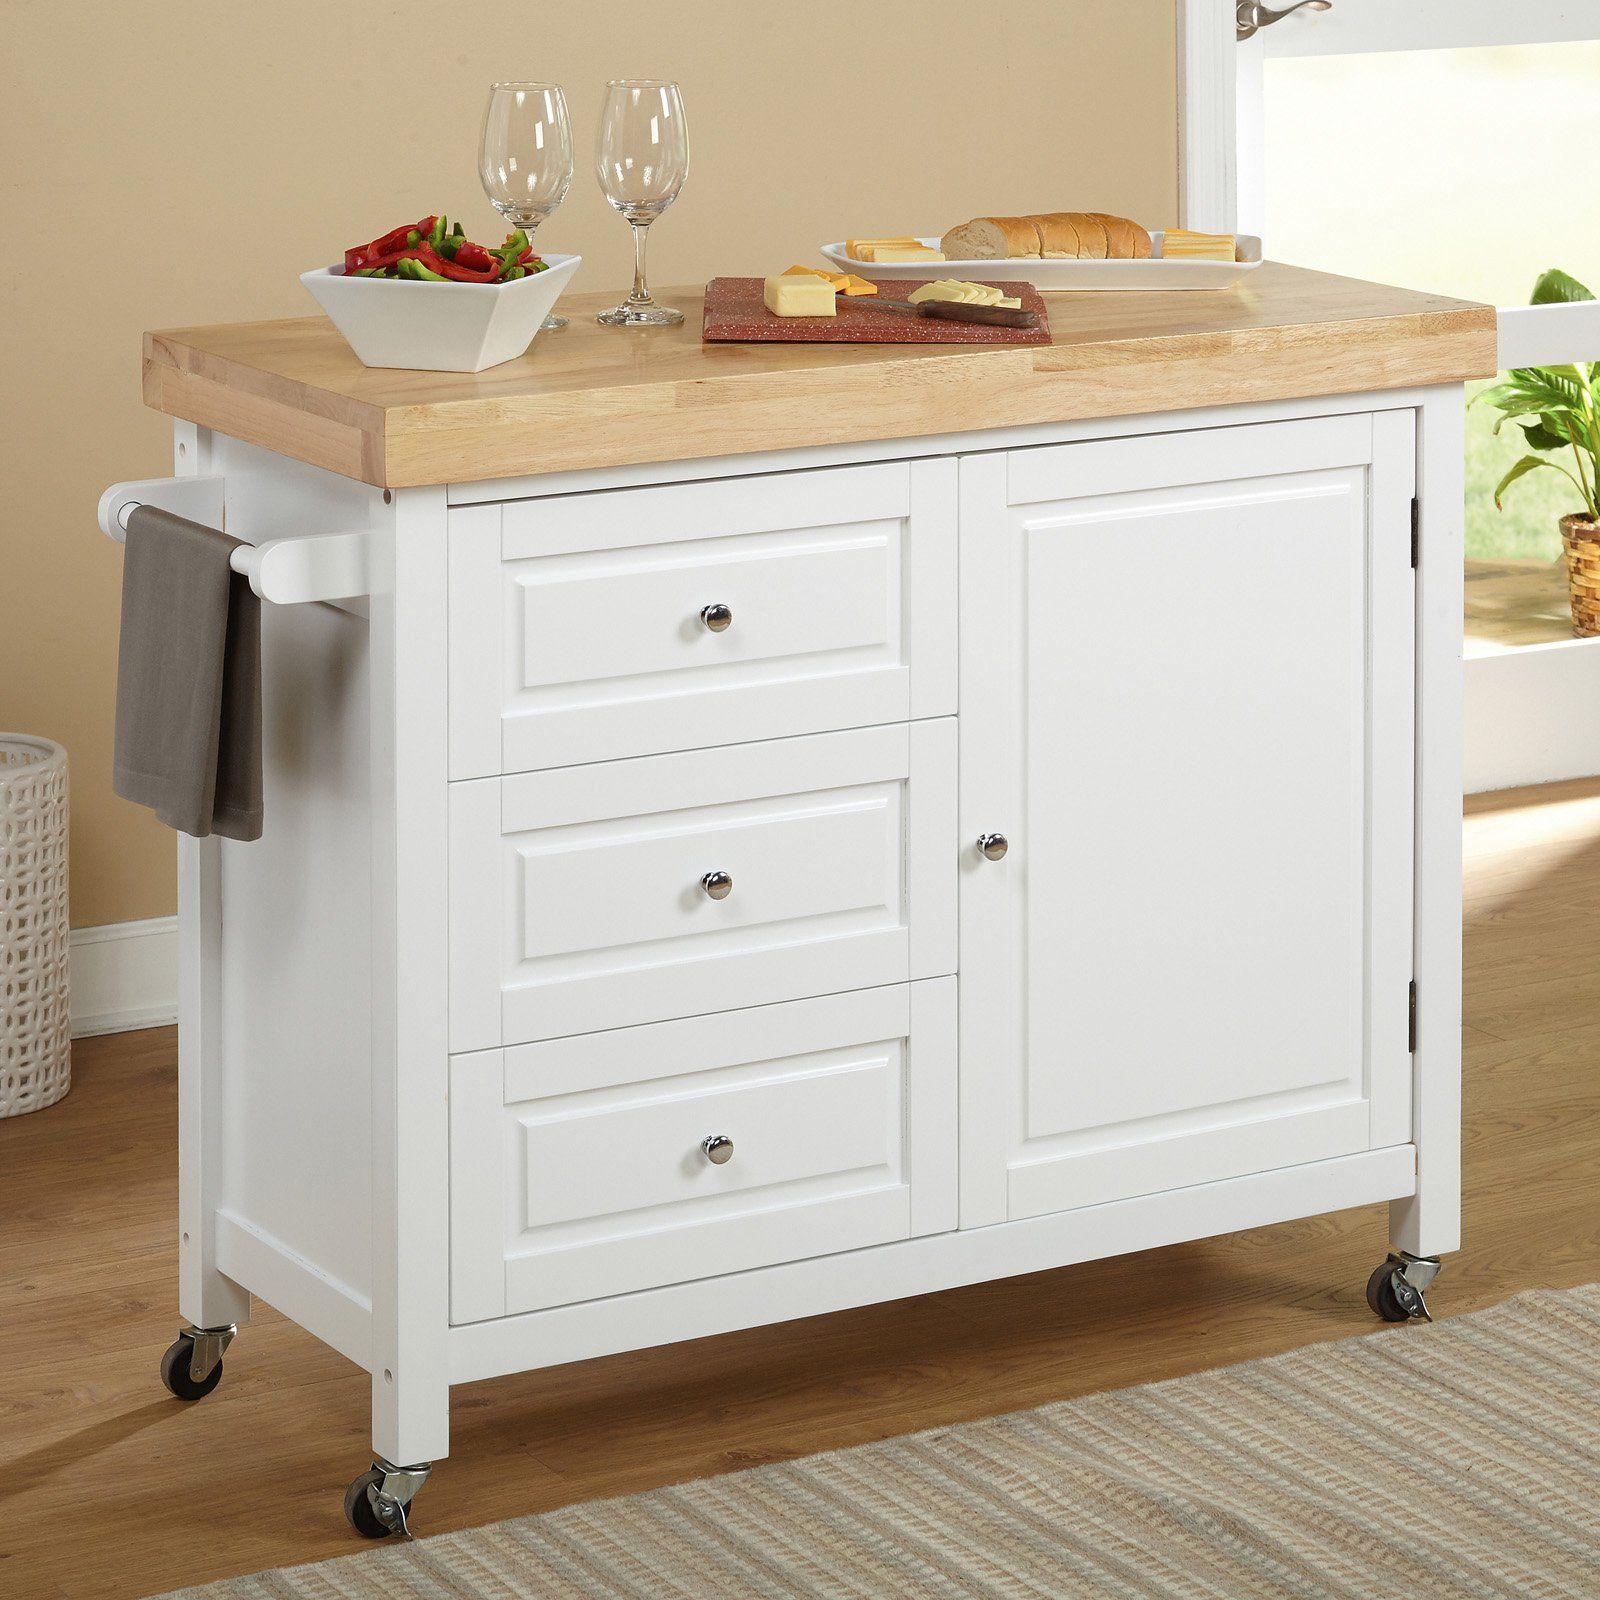 Target Marketing Systems Monterey Kitchen Cart White Kitchen